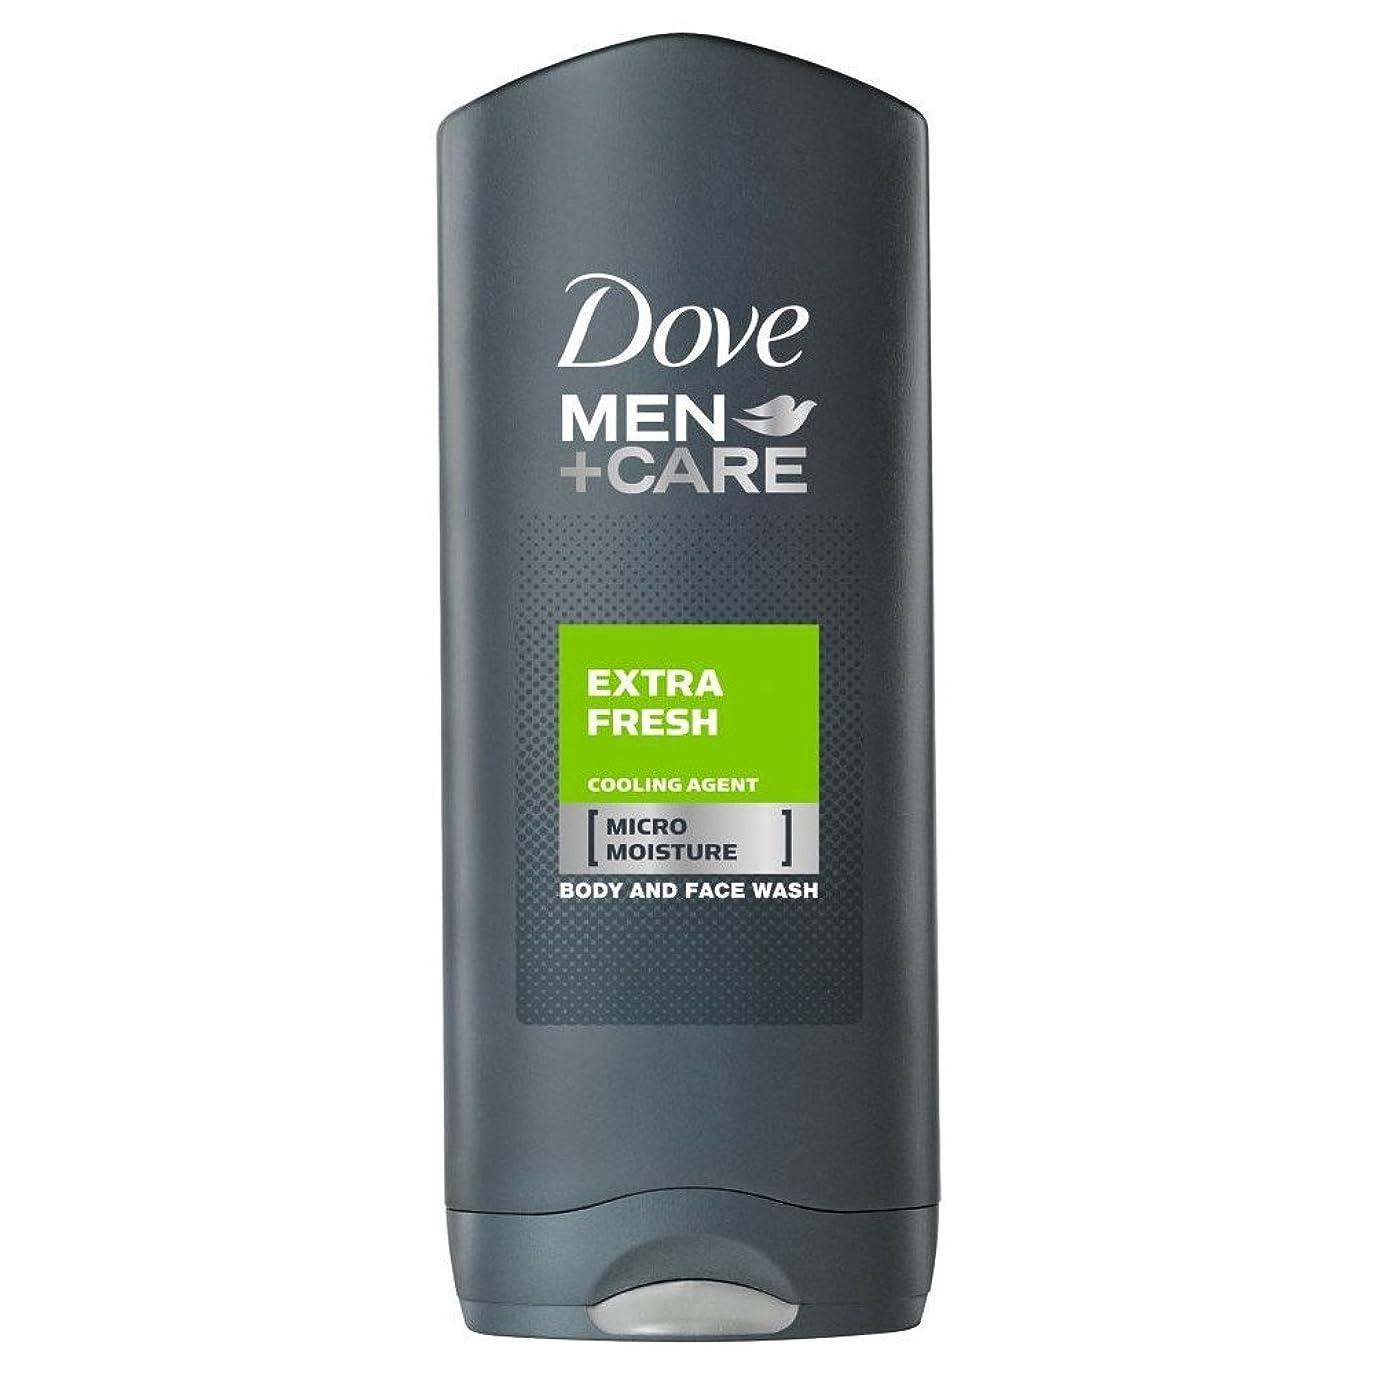 刈り取るアーネストシャクルトンエレガントDove Men + Care Extra Fresh Cooling Agent Body & Face Wash (400ml) 鳩の男性+ケア余分な新鮮な冷却剤本体とフェイスウォッシュ( 400ミリリットル) [並行輸入品]